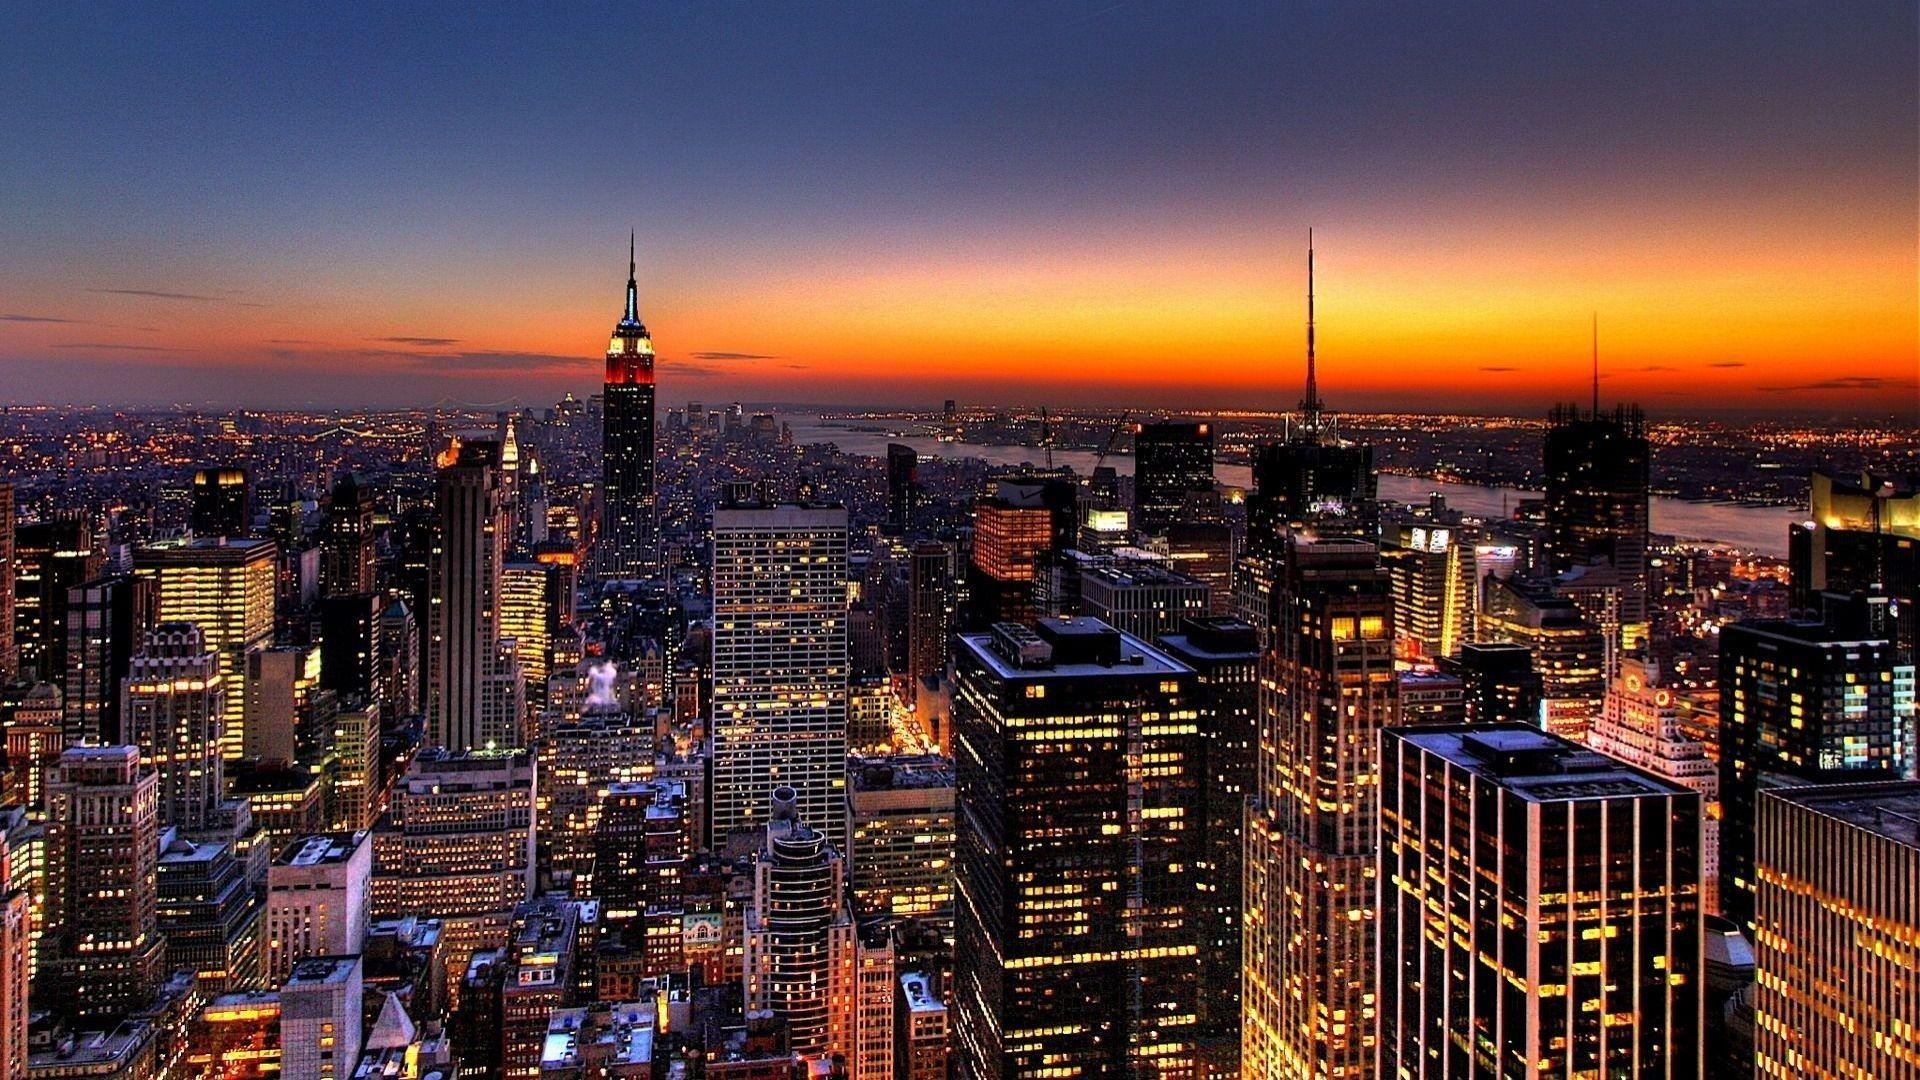 Jakarta Cityscape Image